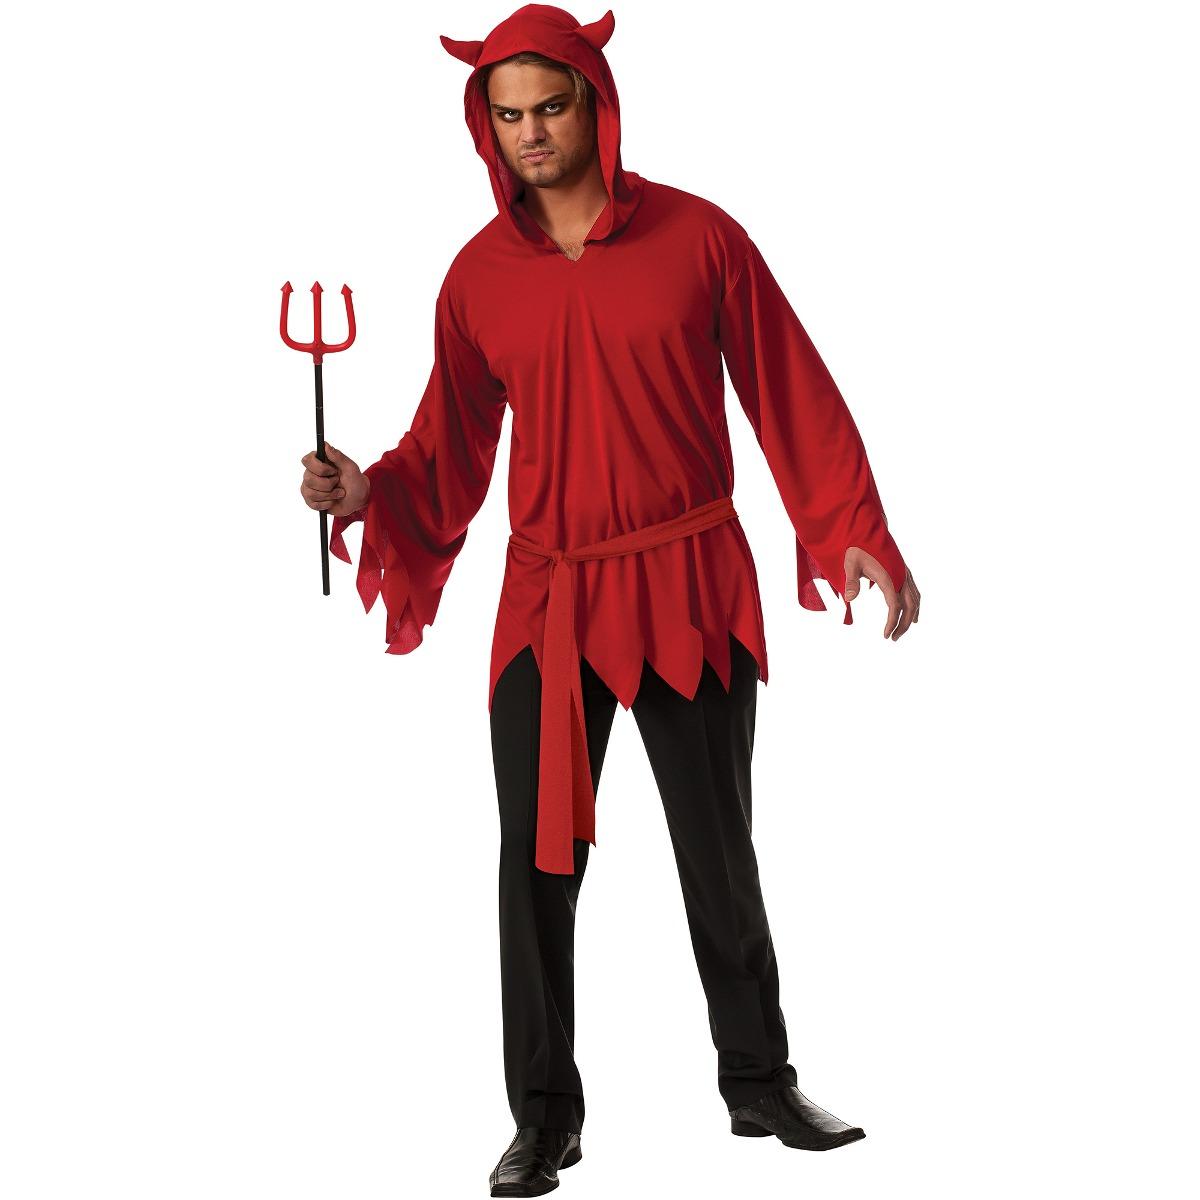 Disfraces De Halloween Para Hombre De Diablo 64900 en Mercado Libre